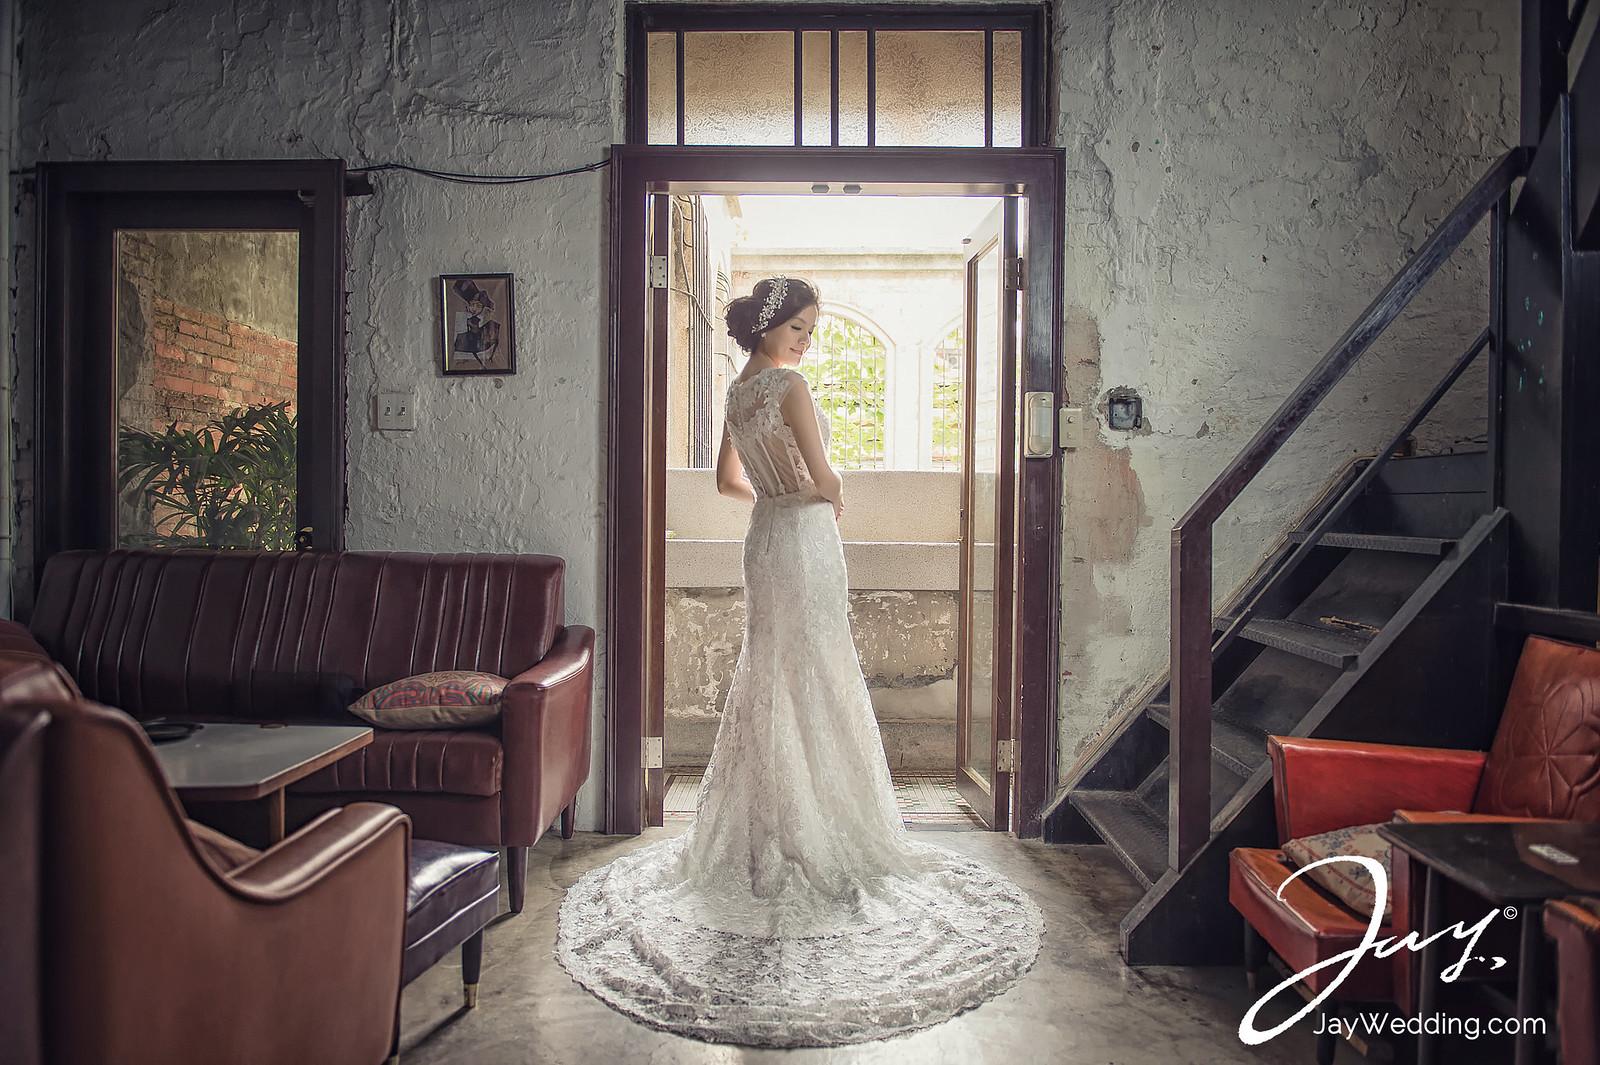 婚紗,婚攝,京都,大阪,食尚曼谷,海外婚紗,自助婚紗,自主婚紗,婚攝A-Jay,婚攝阿杰,jay hsieh,JAY_3652